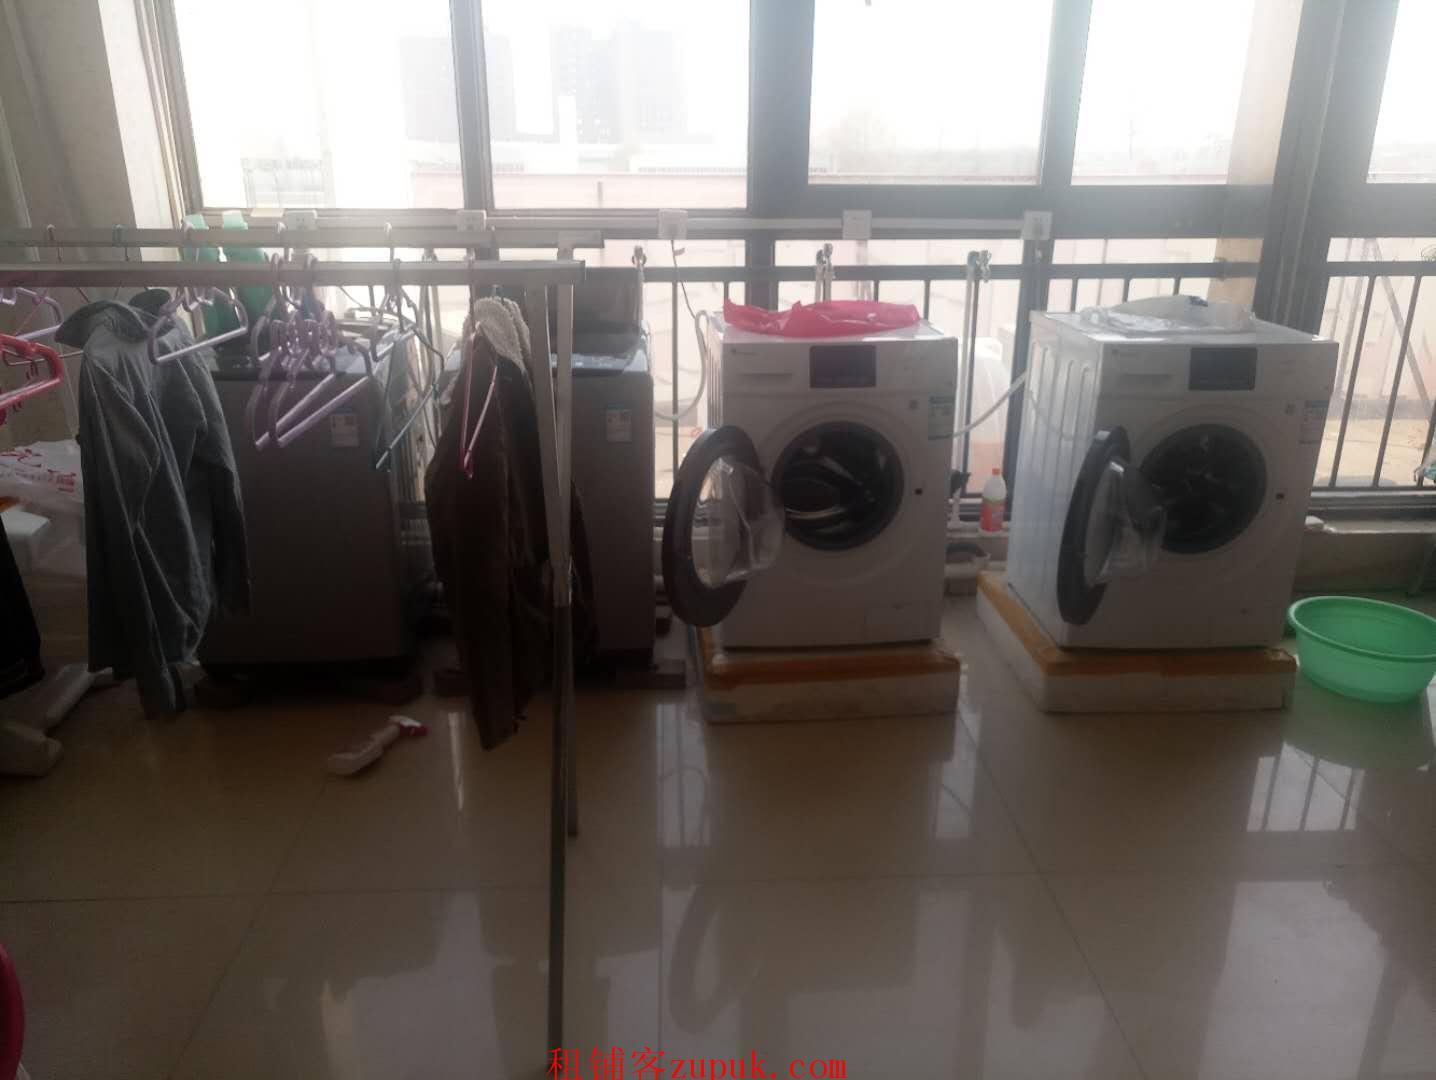 大学内唯一澡堂门口洗衣店转让